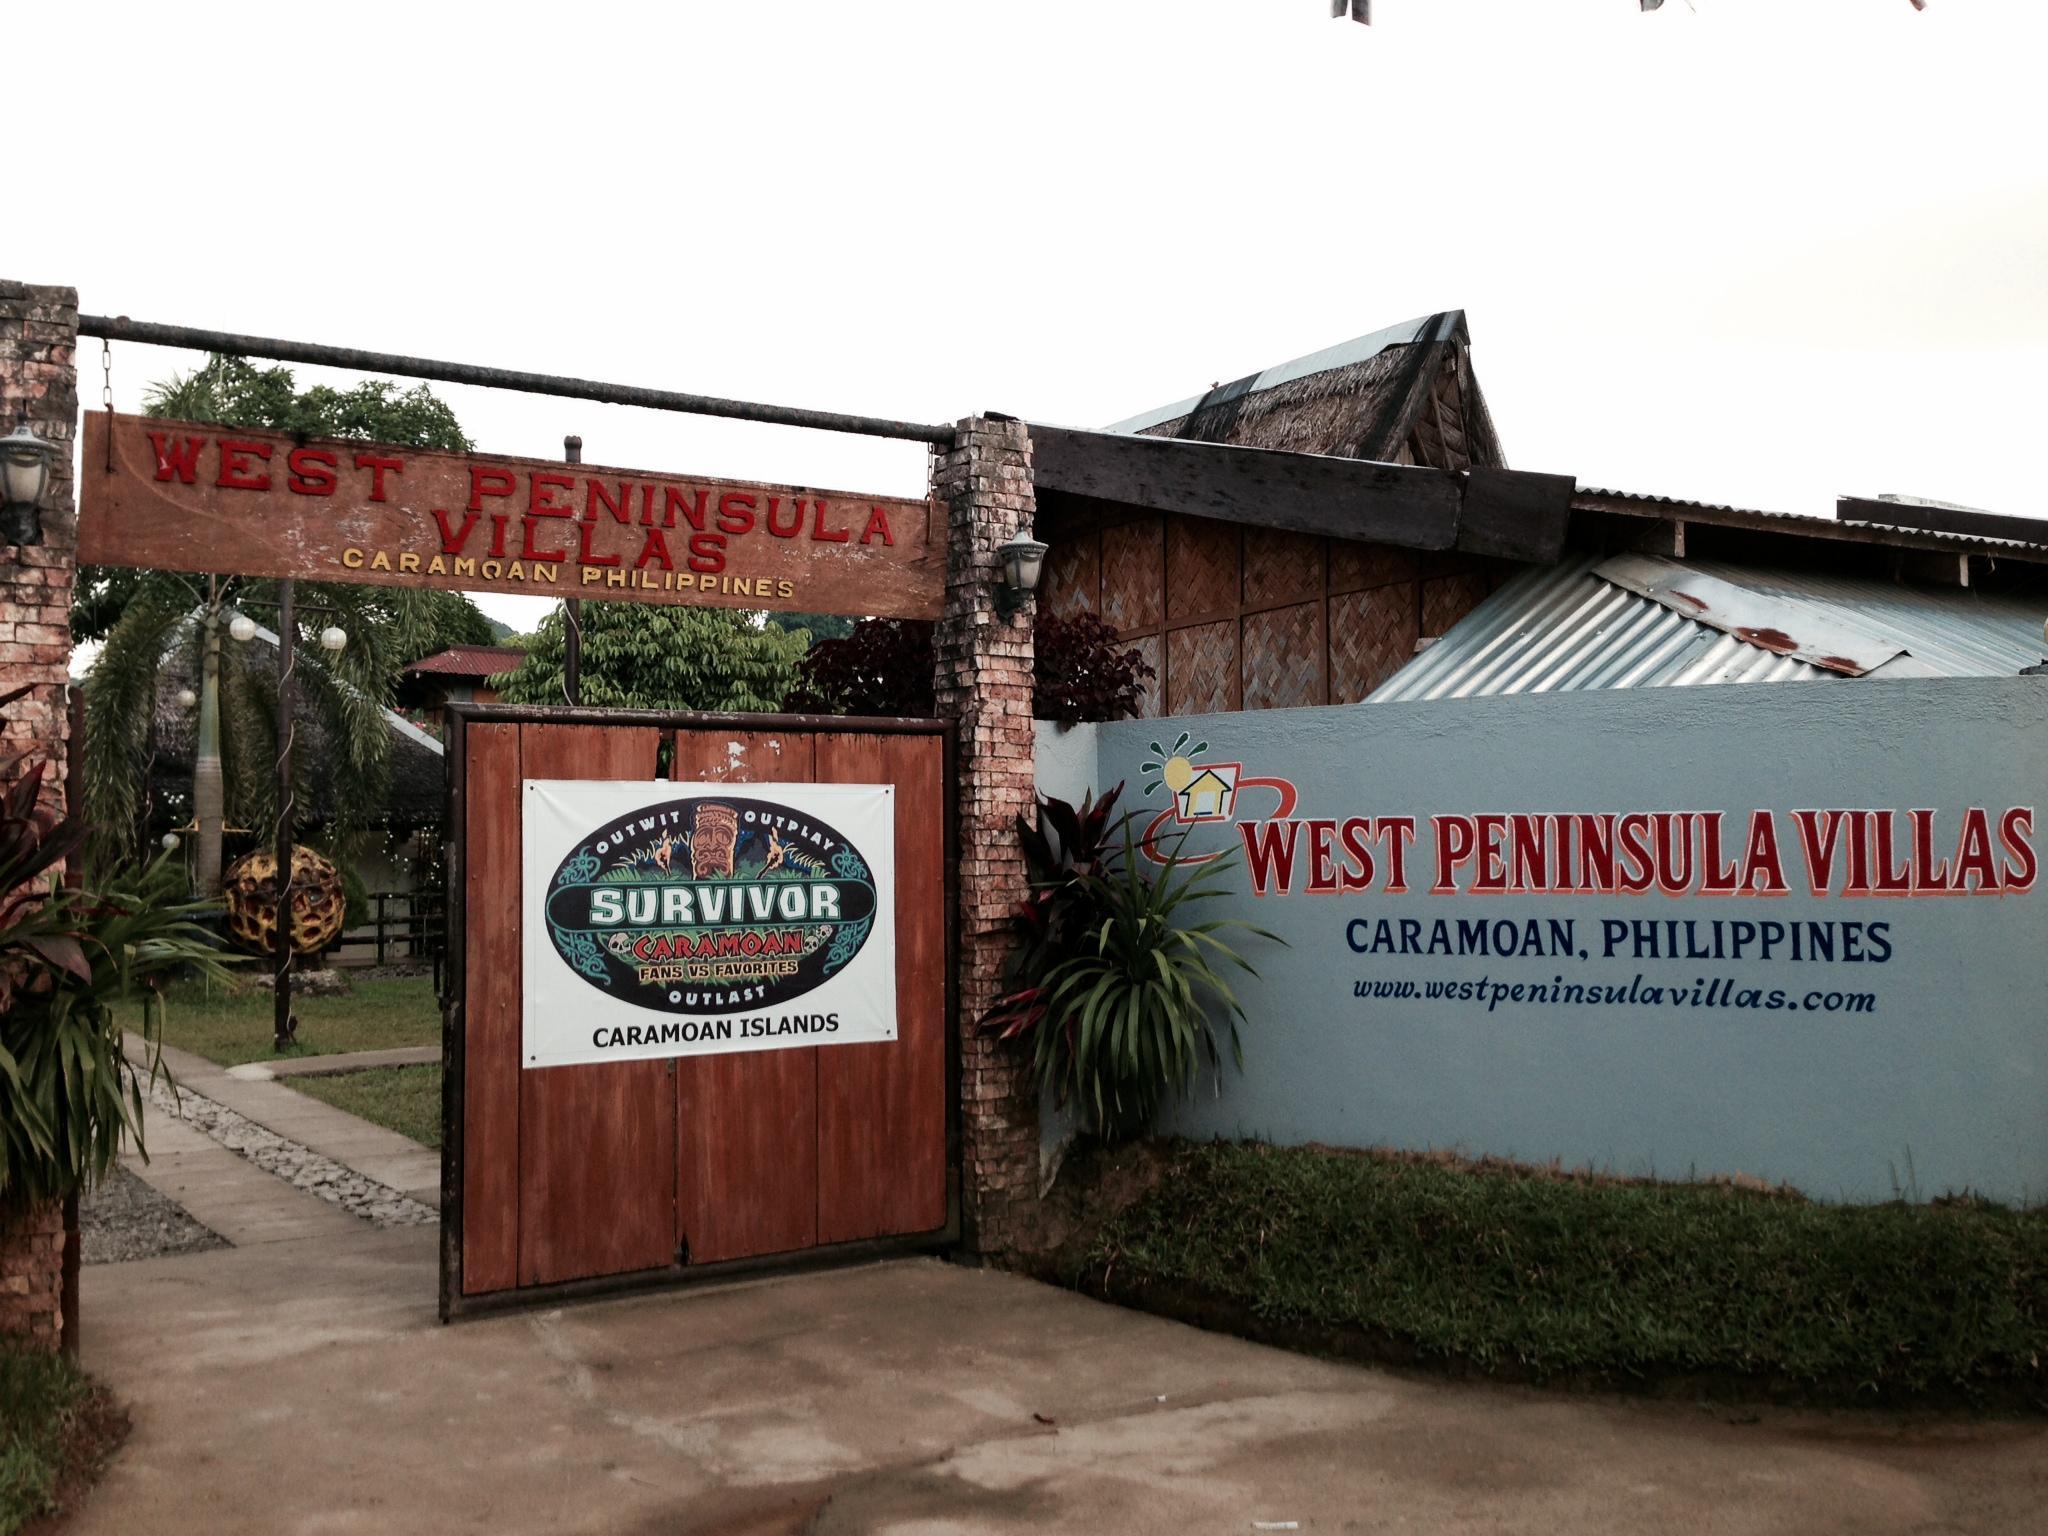 West Peninsula Villas Caramoan